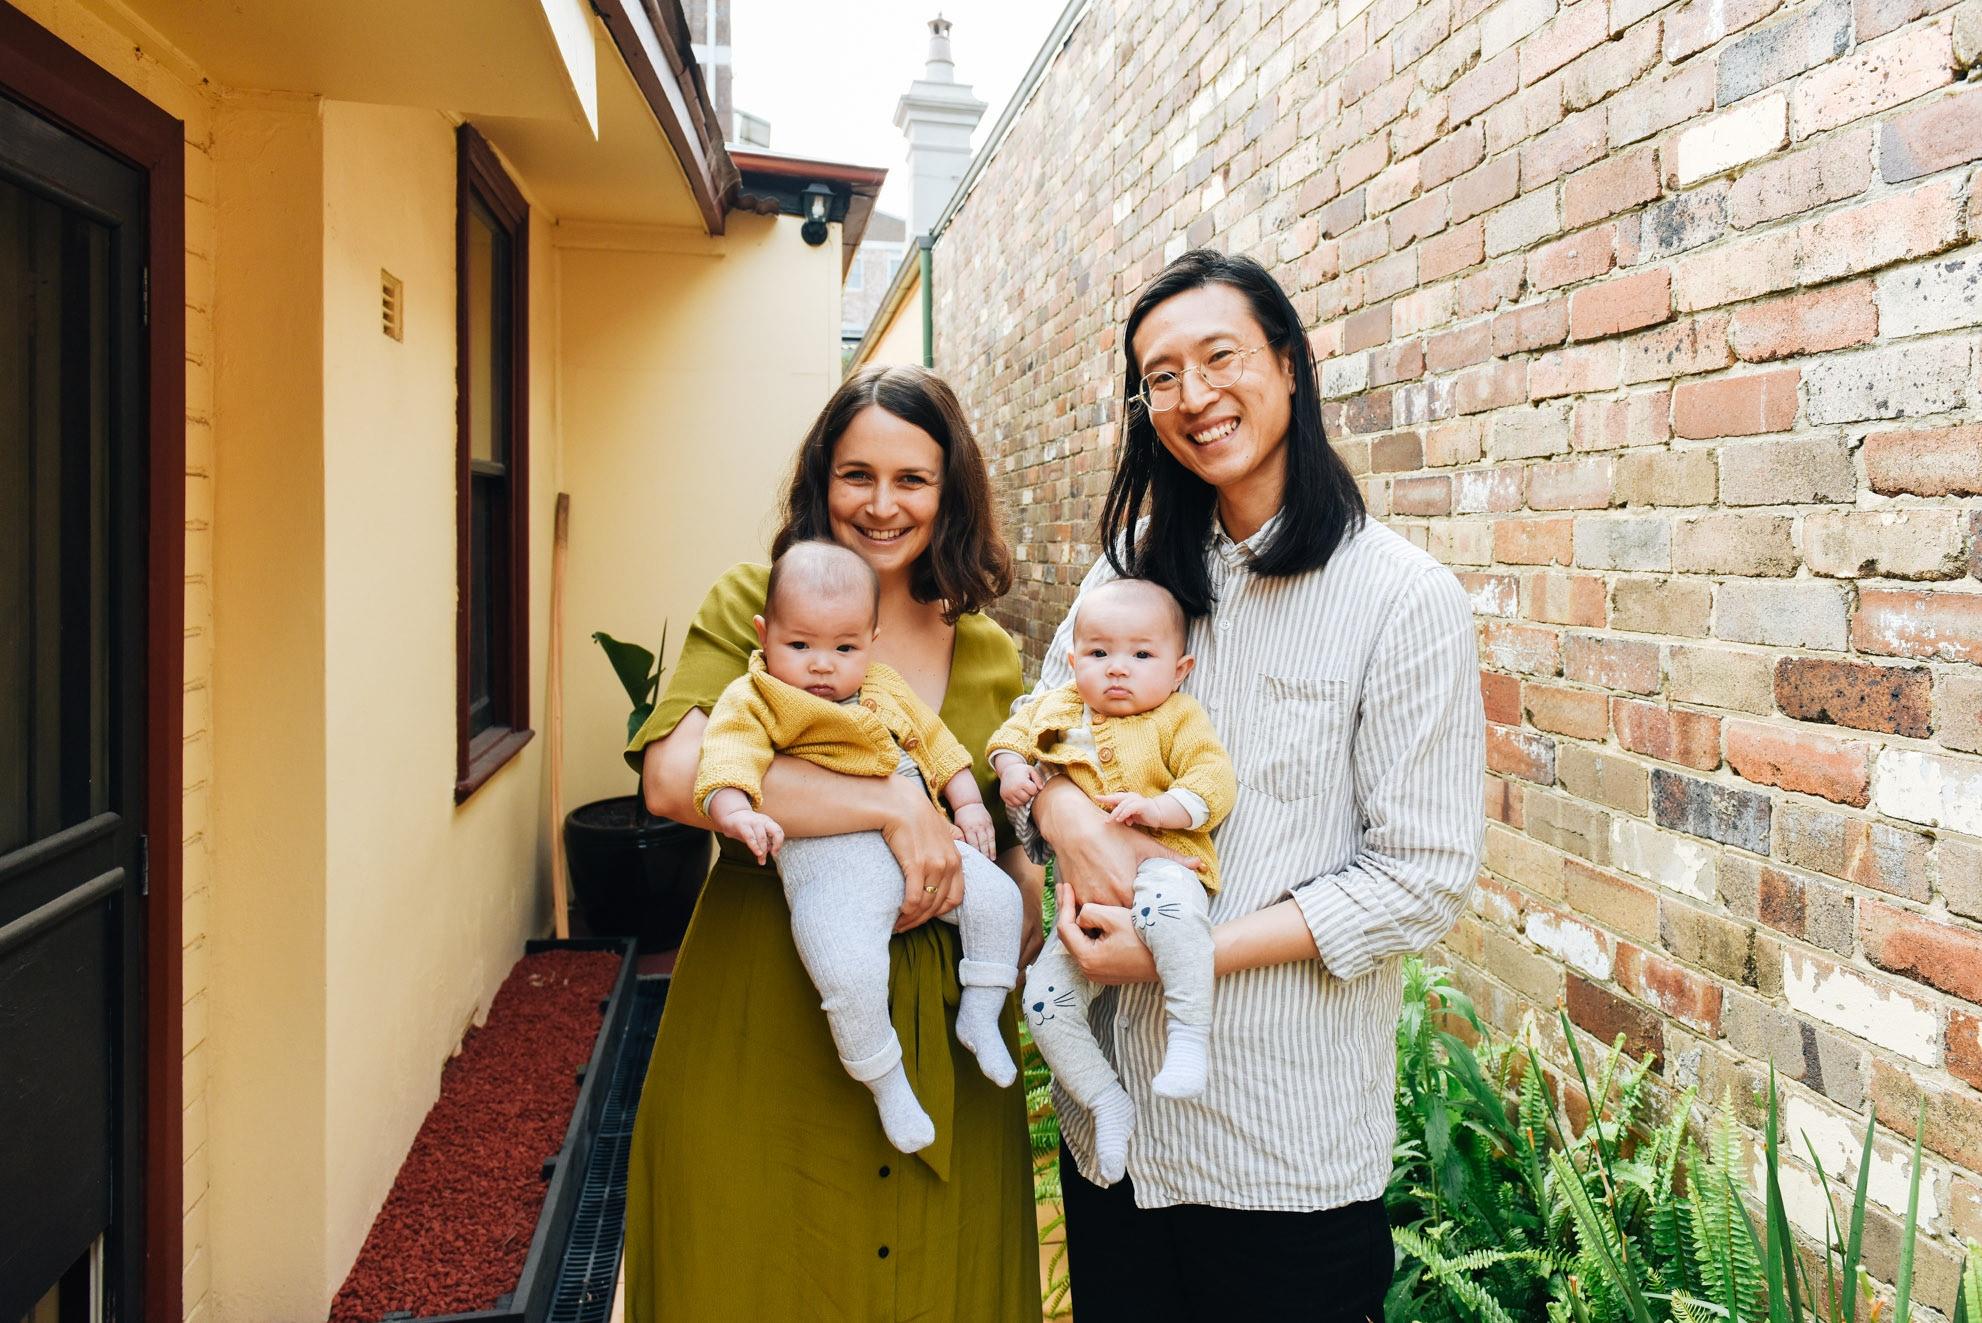 motherhood: lucy leong